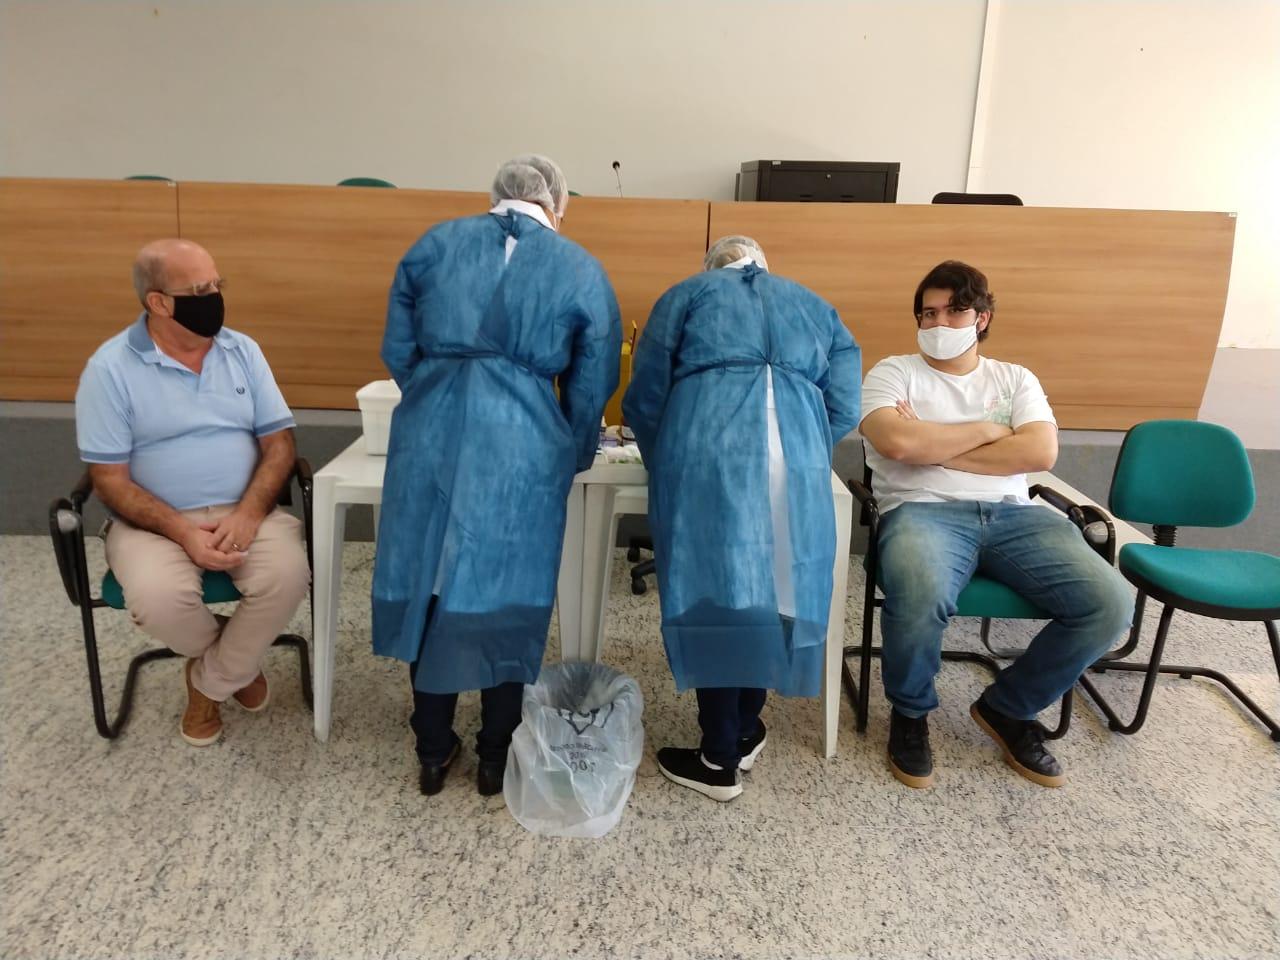 Metrofor realiza testes de covid-19 em seus funcionários